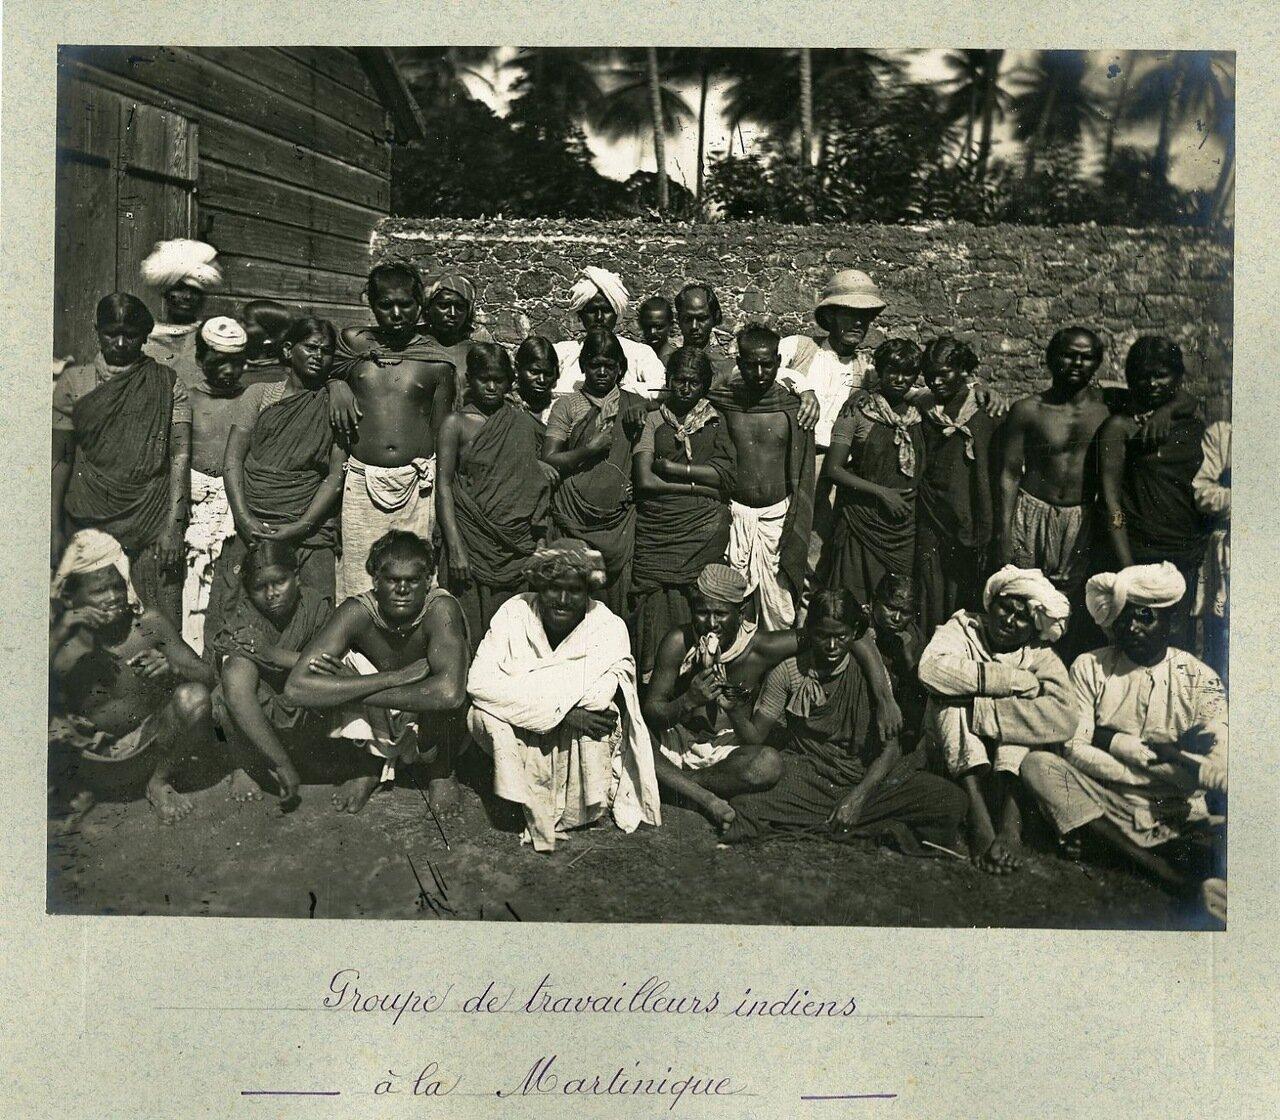 Группа индийских рабочих